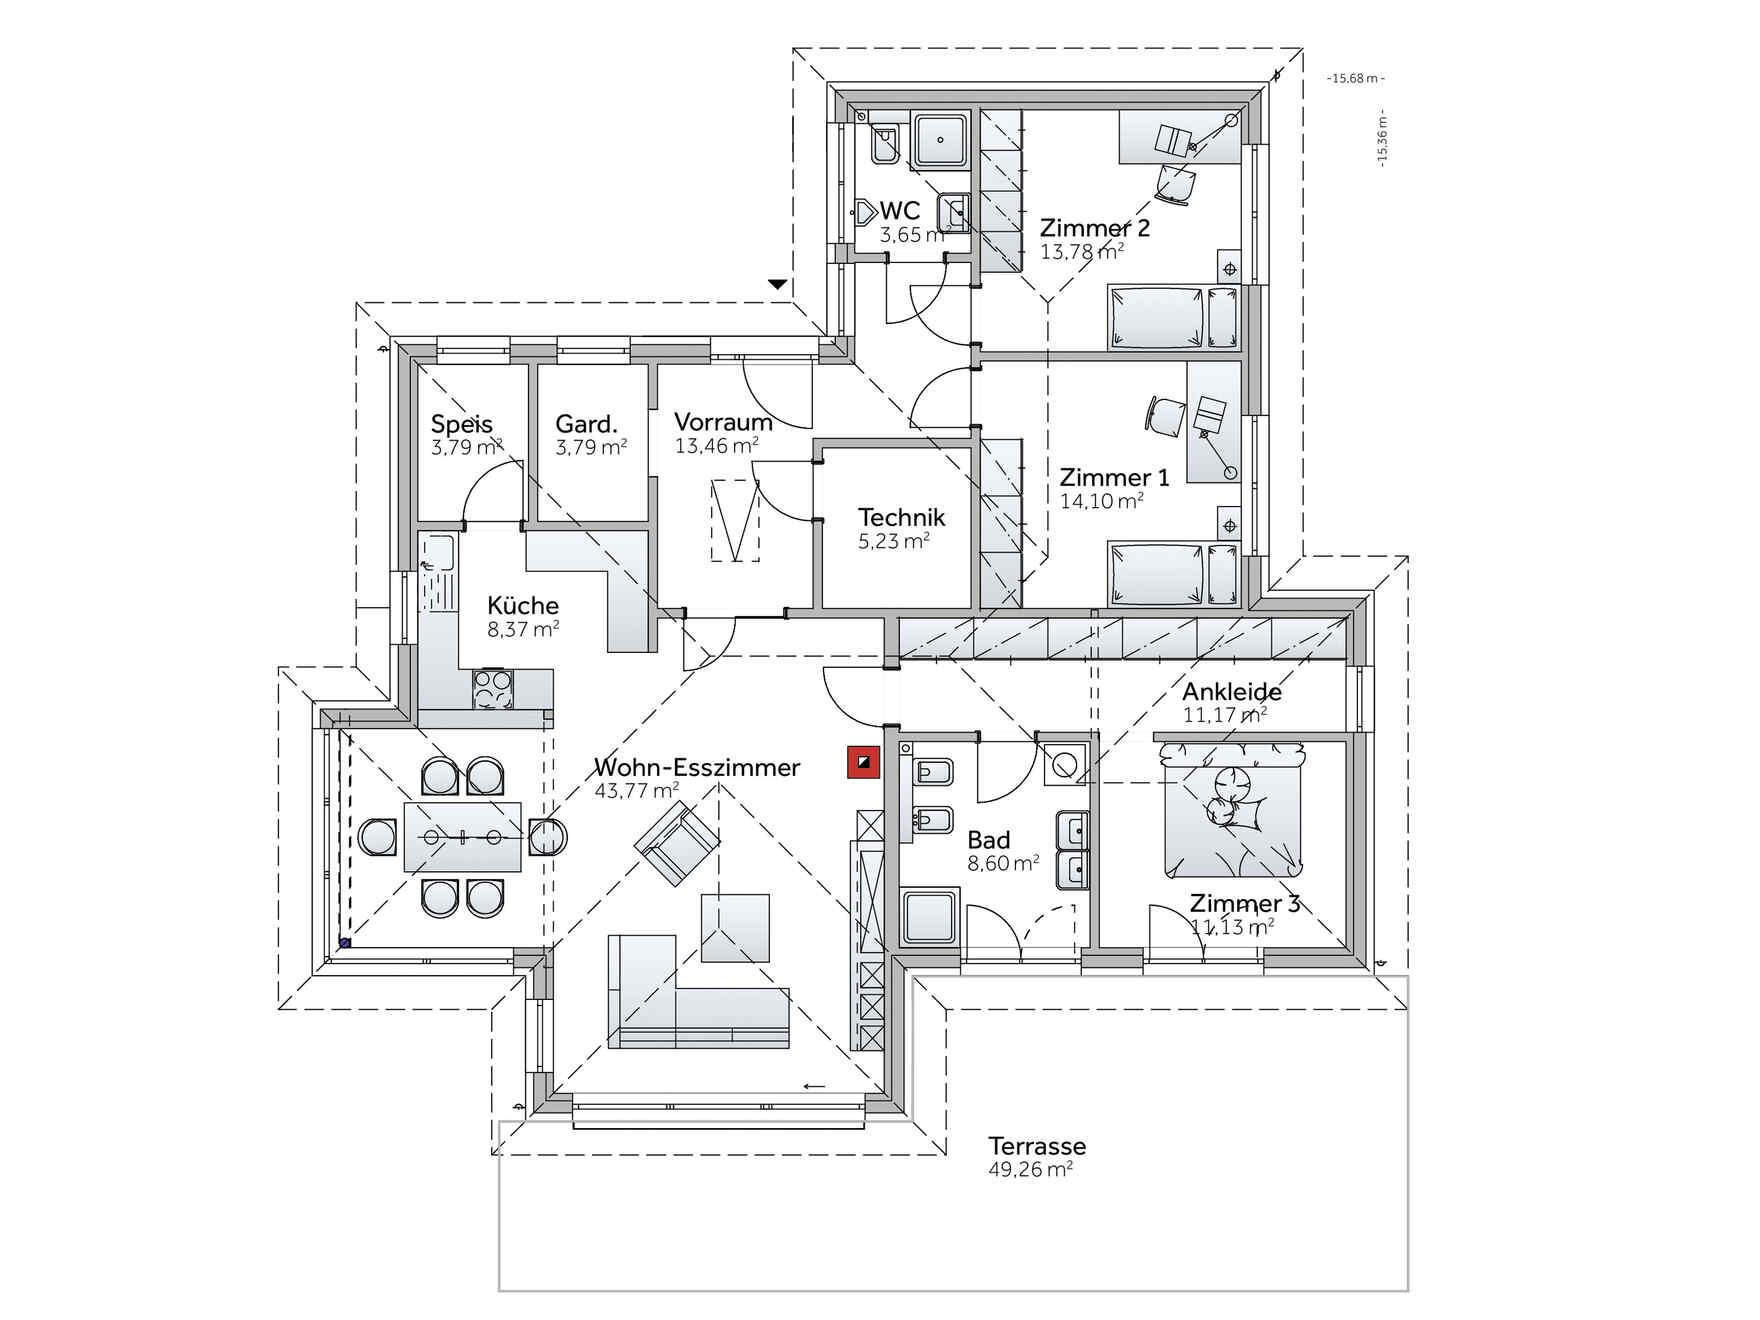 Musterhaus grundriss bungalow  Musterhaus Bungalow S141 Graz - Besichtigung, Planung & Kauf ...